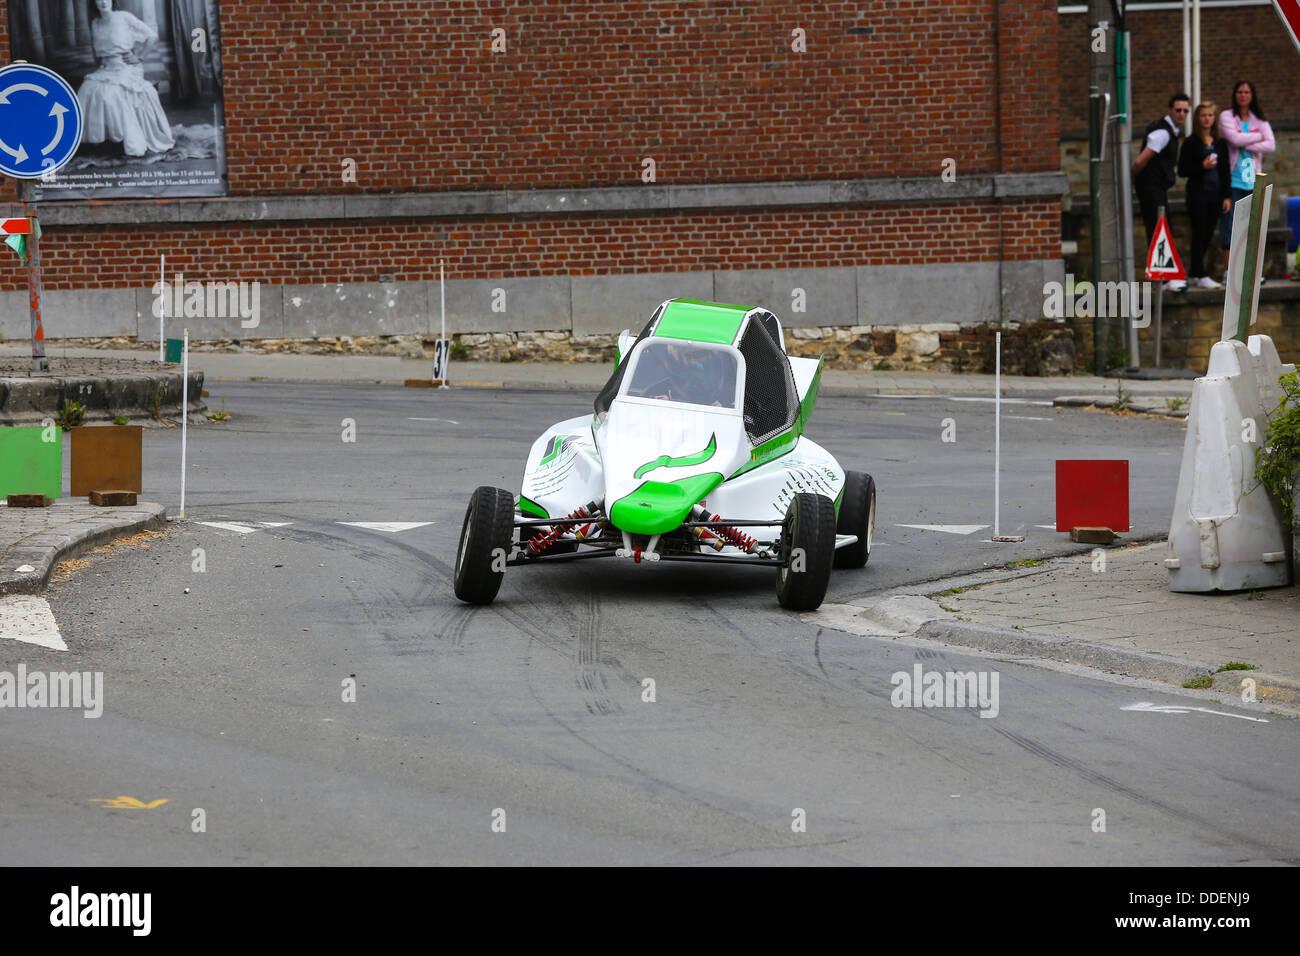 Blanc et vert racing buggy prenant une courbe sur l'asphalte. L'accent sur la voiture. Banque D'Images